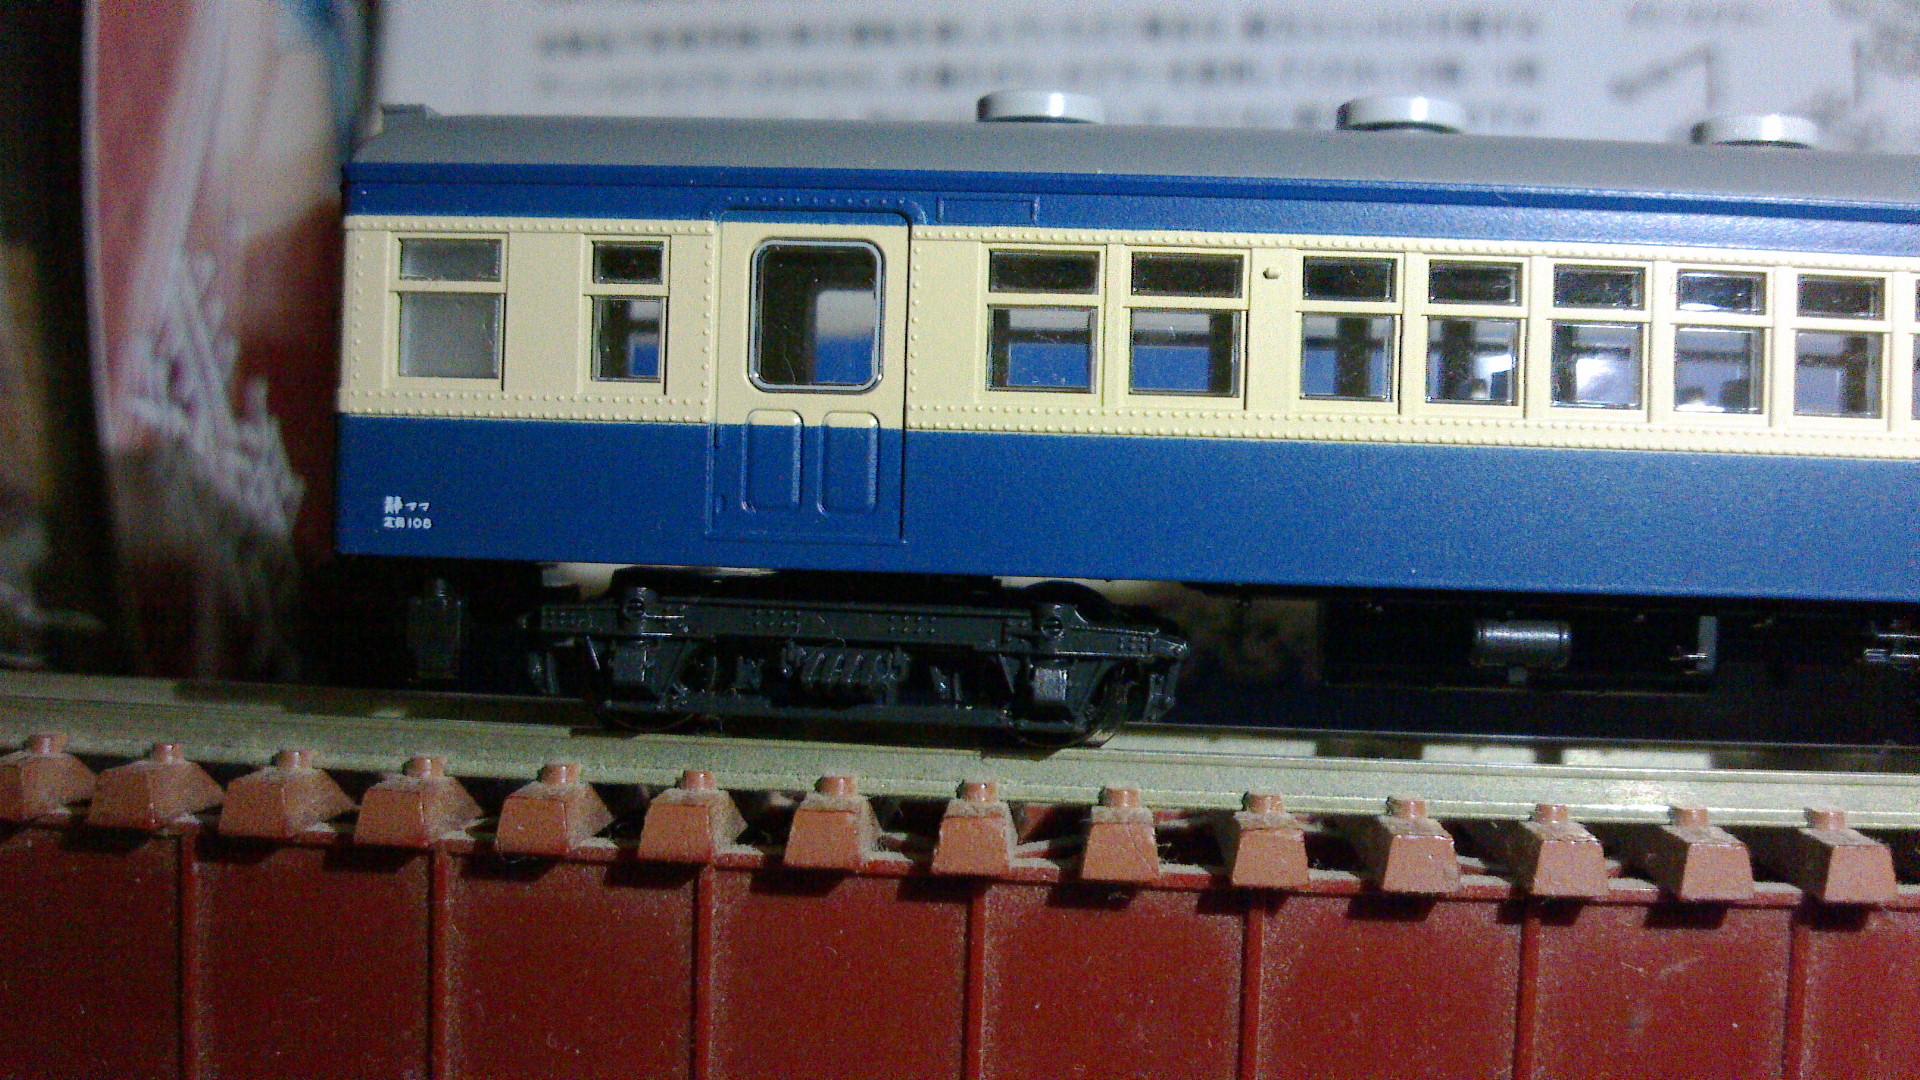 NEC_0889.jpg